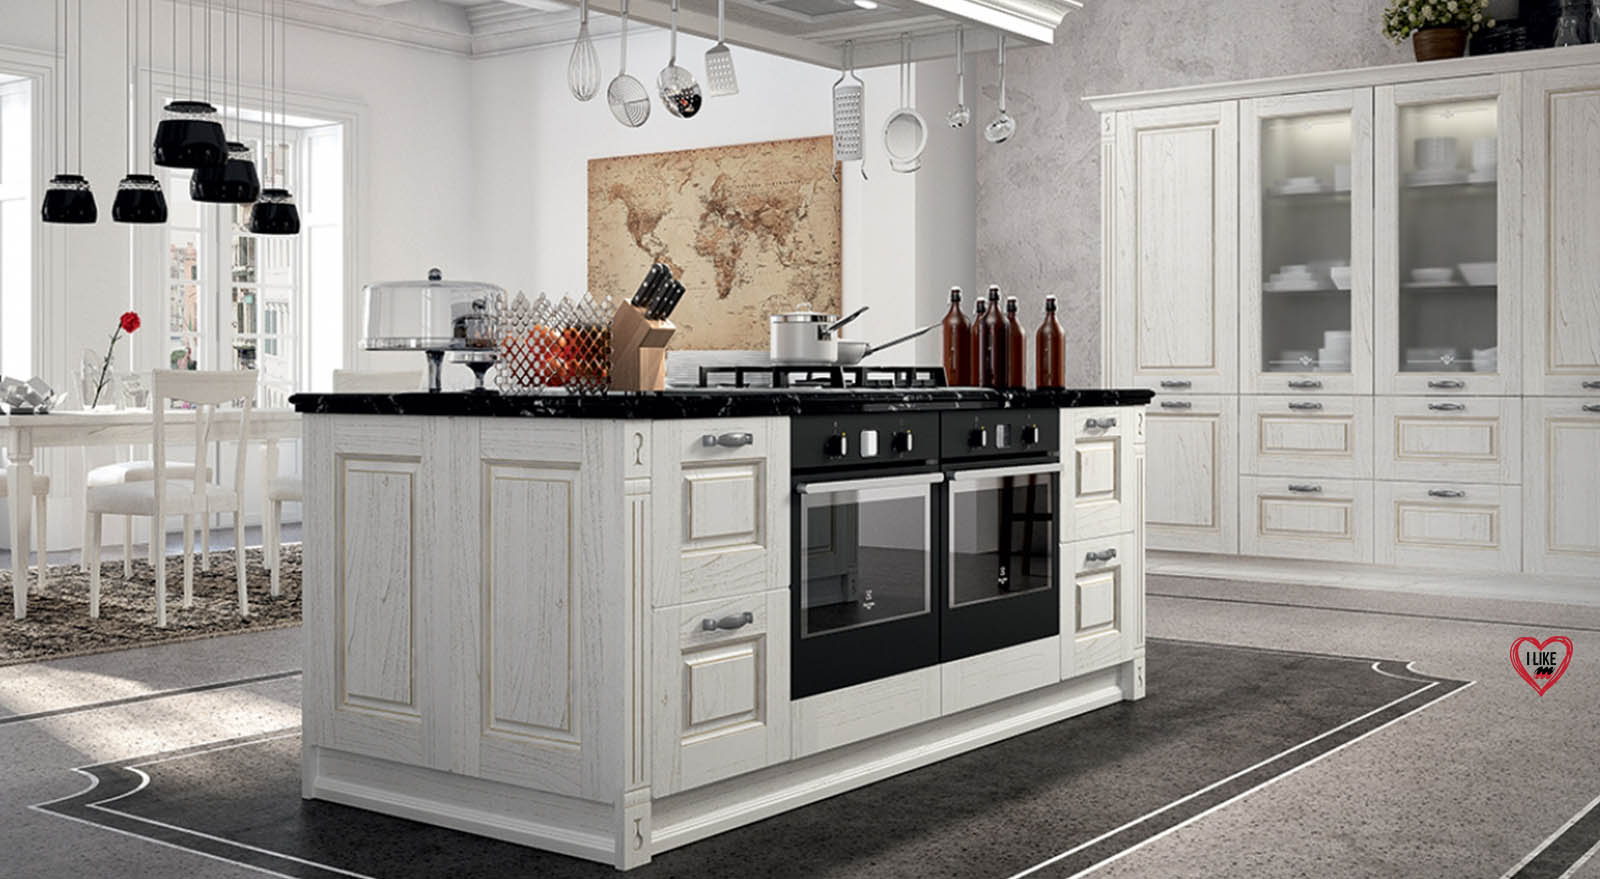 Cucine classiche in legno a padova - Cucine a padova ...